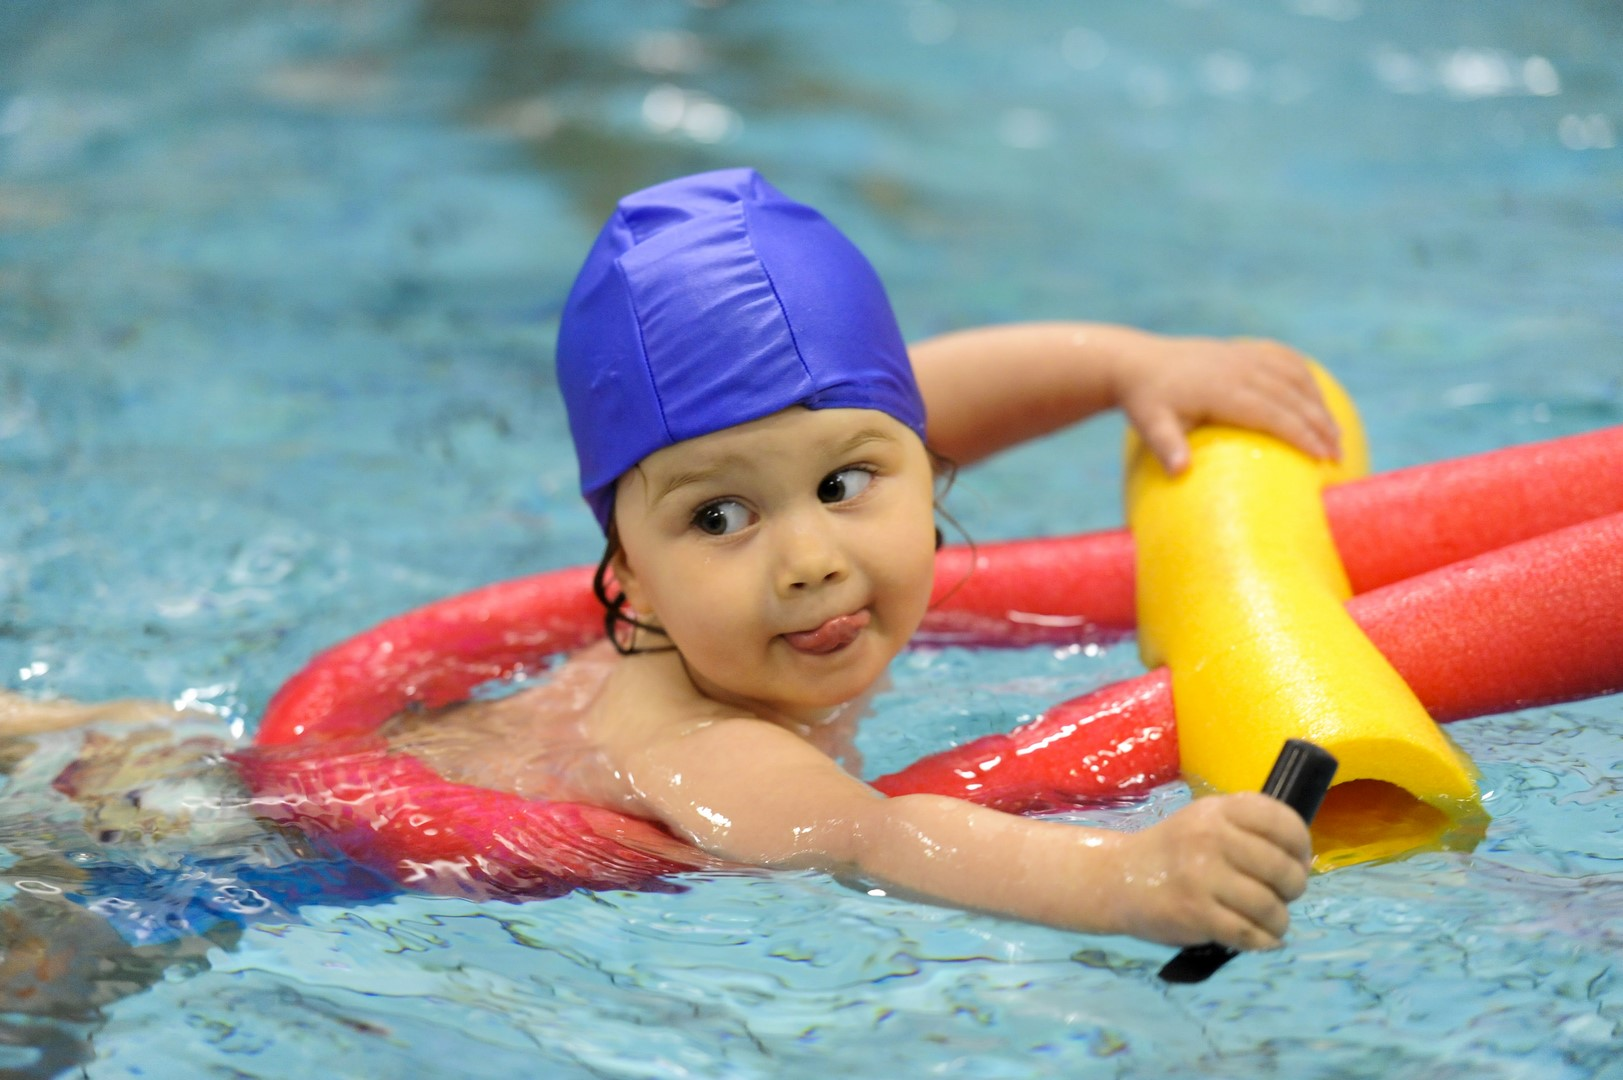 Corsi di nuoto estivi per bambini - Bambini in piscina a 3 anni ...